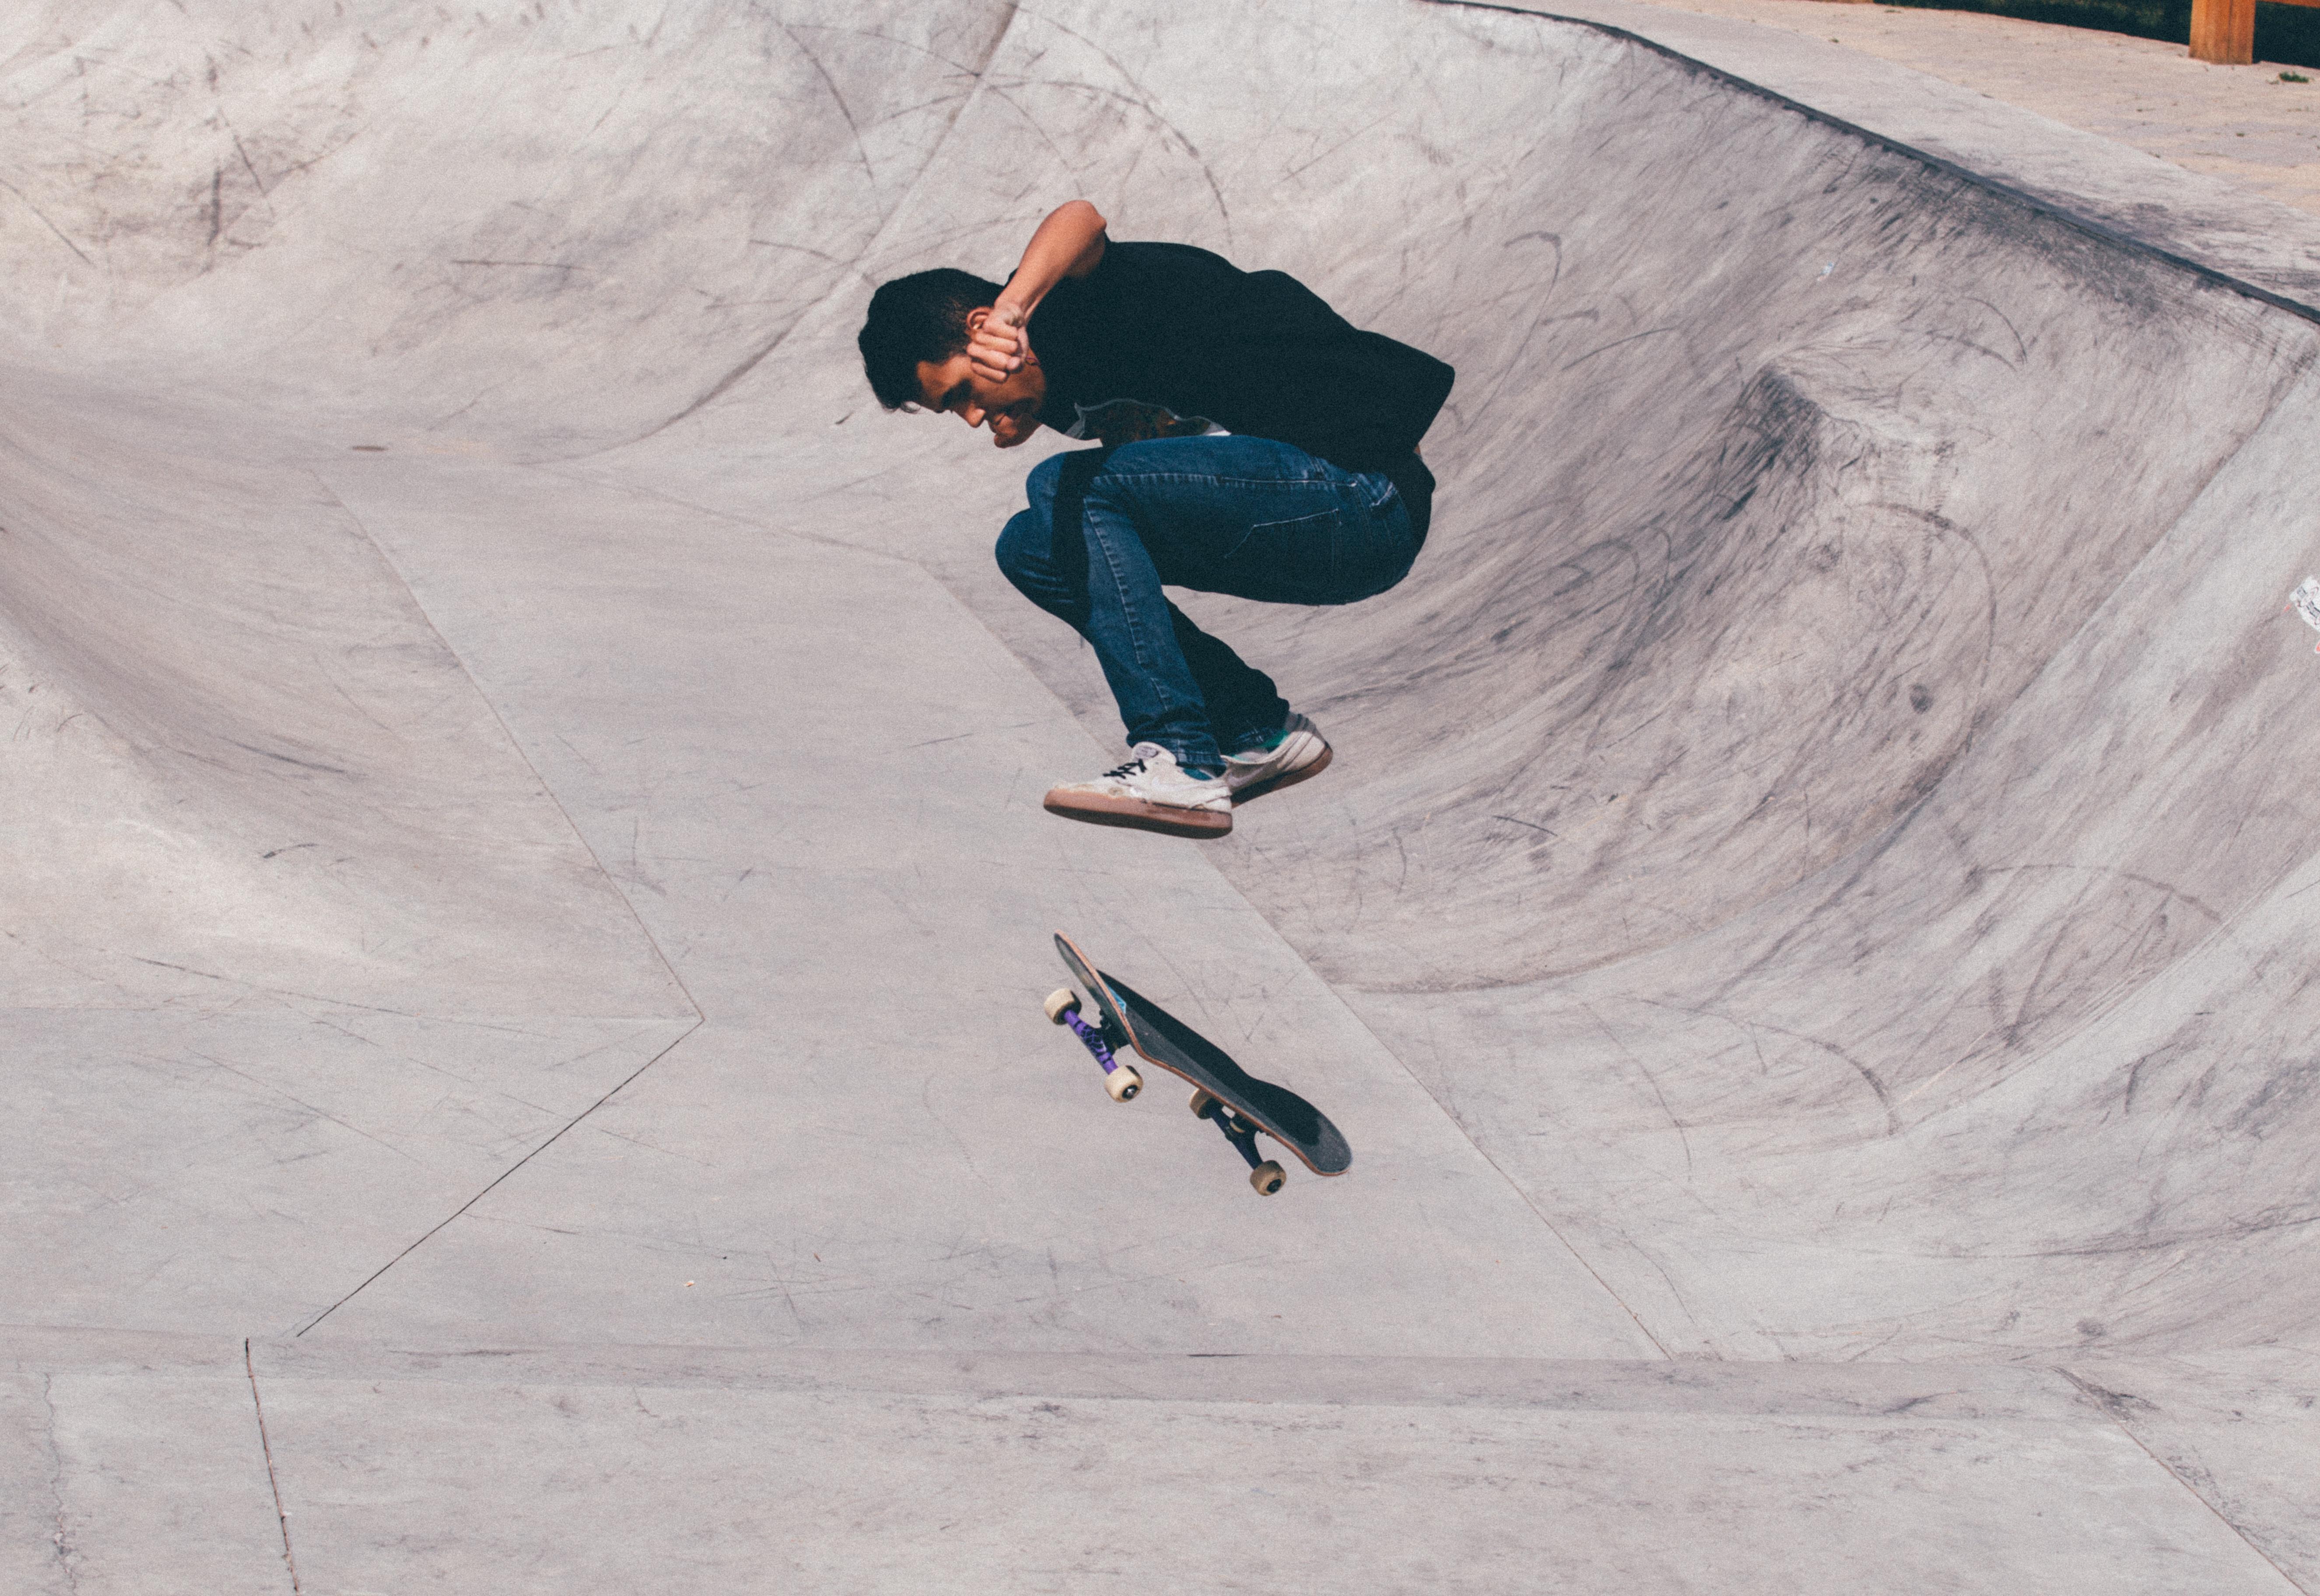 Skater photo